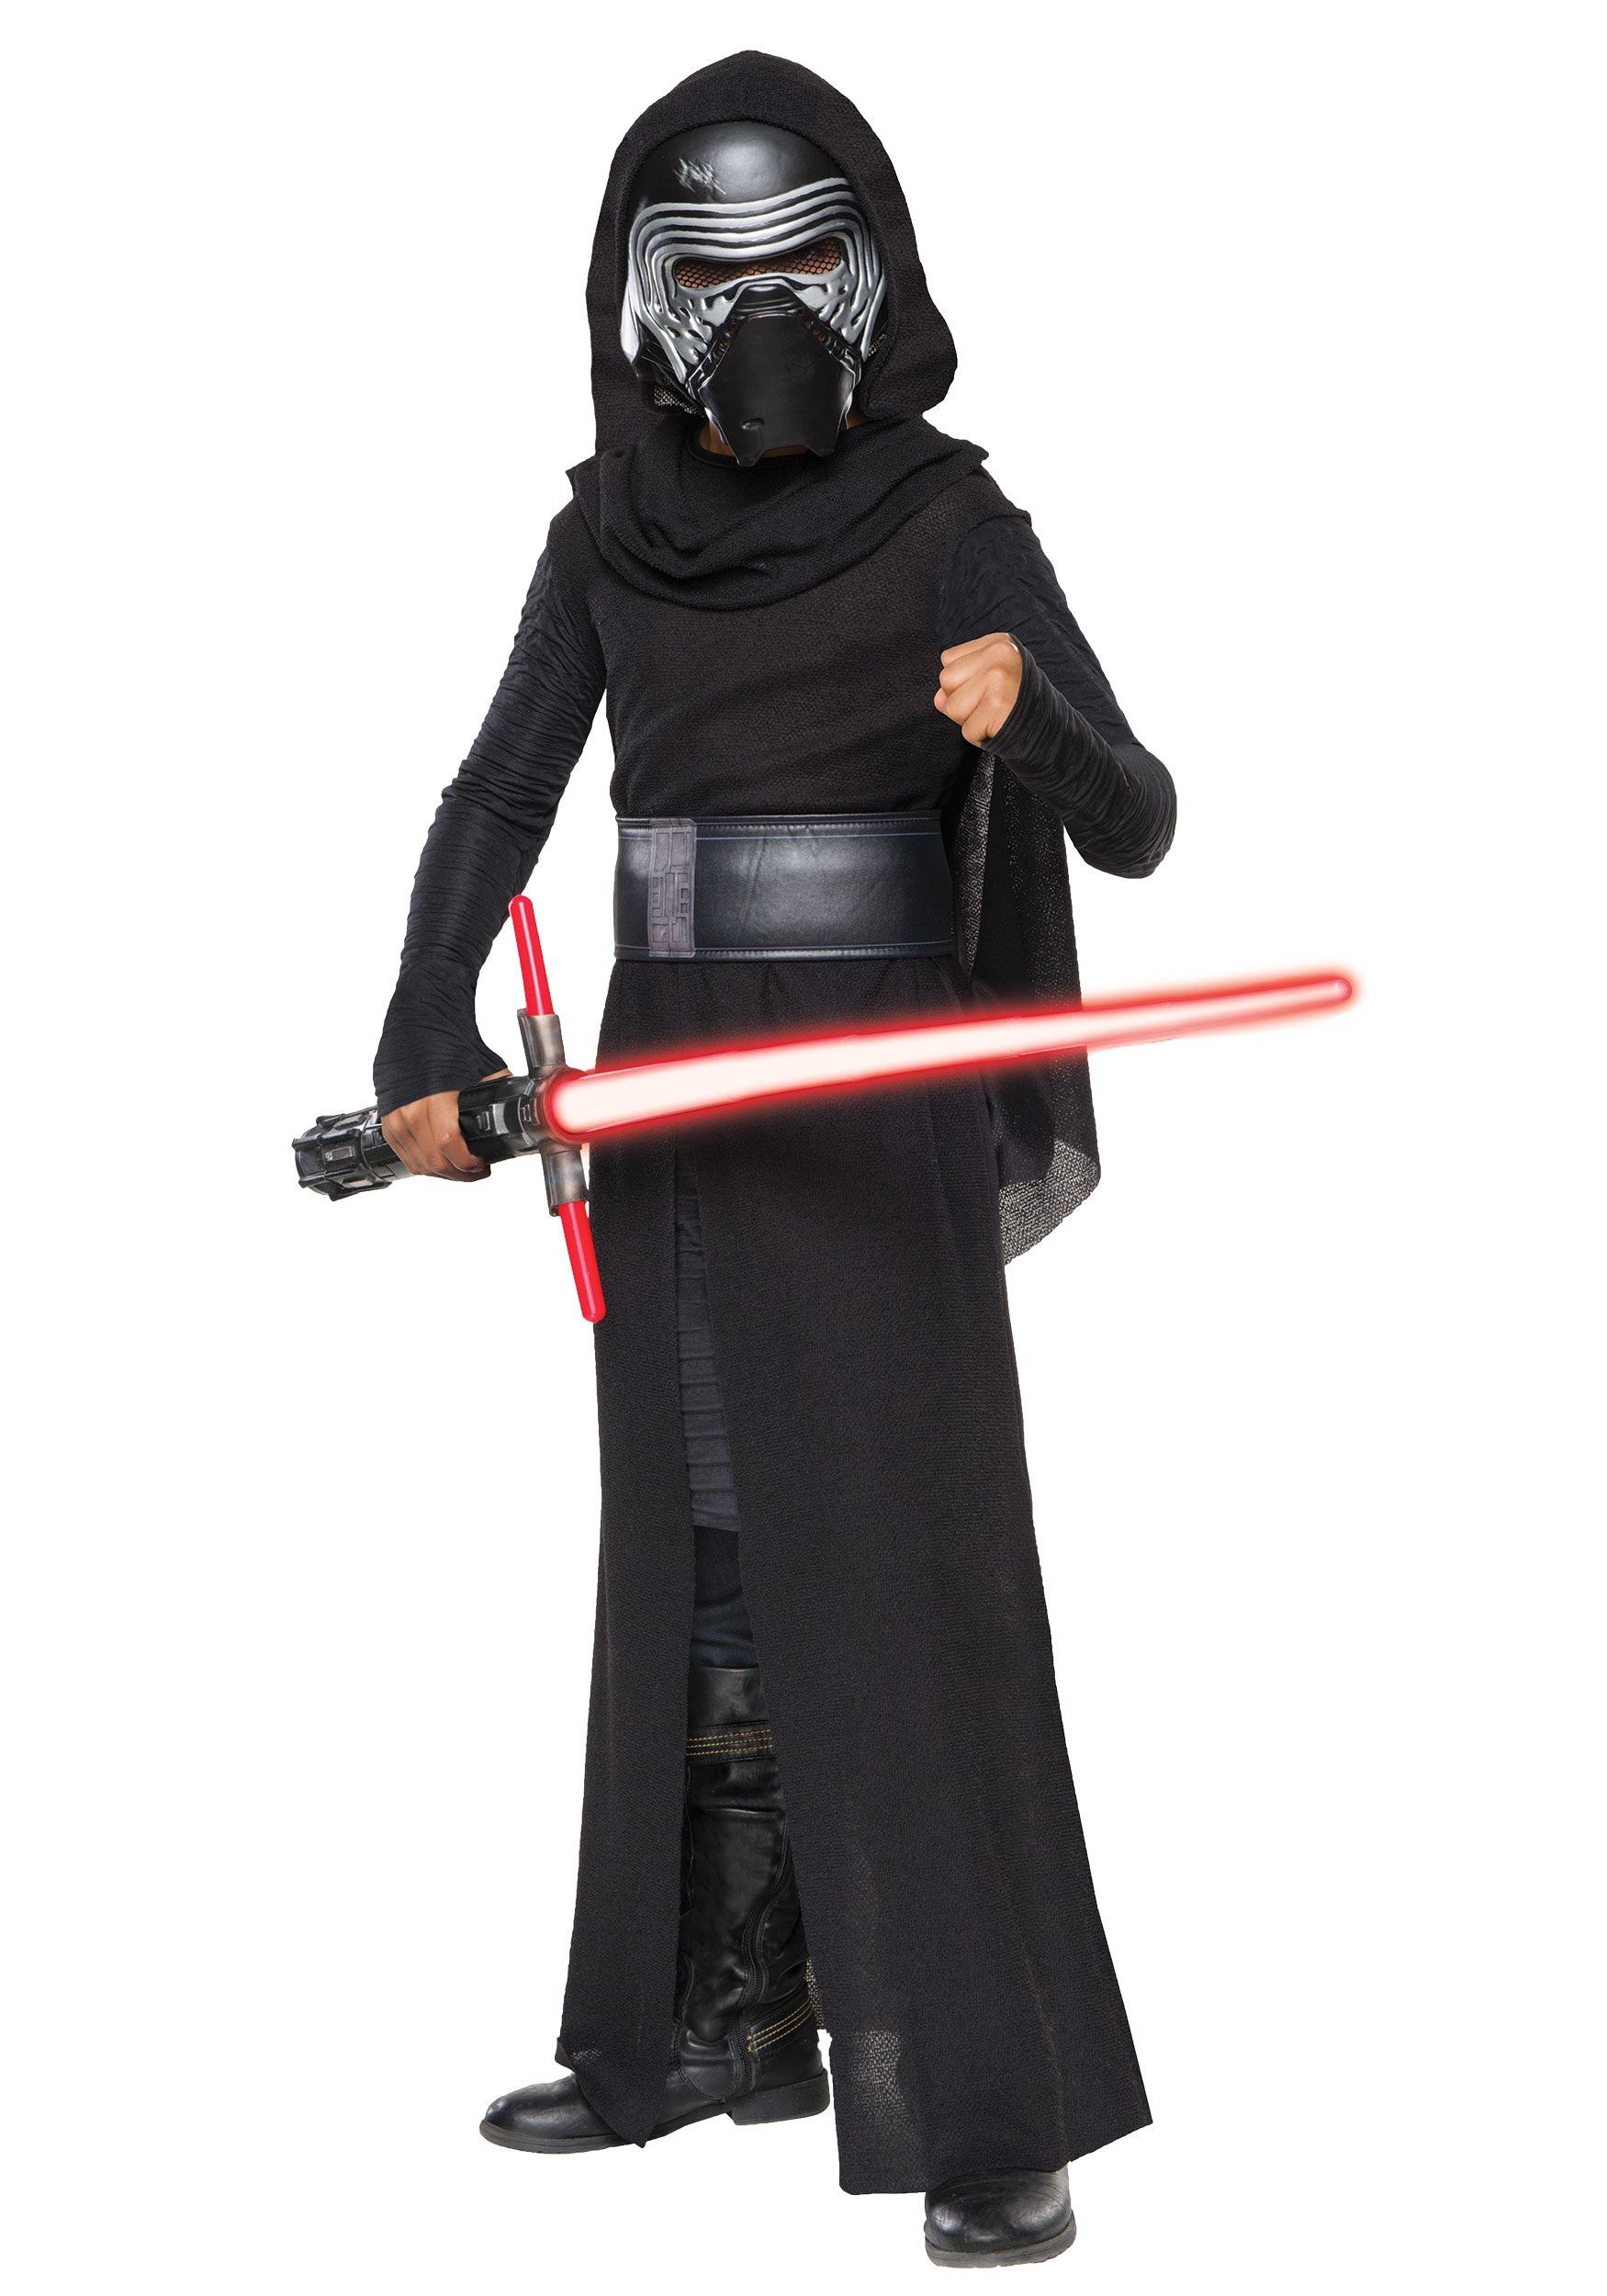 Boy's Star Wars Kylo Ren Costume RU620091